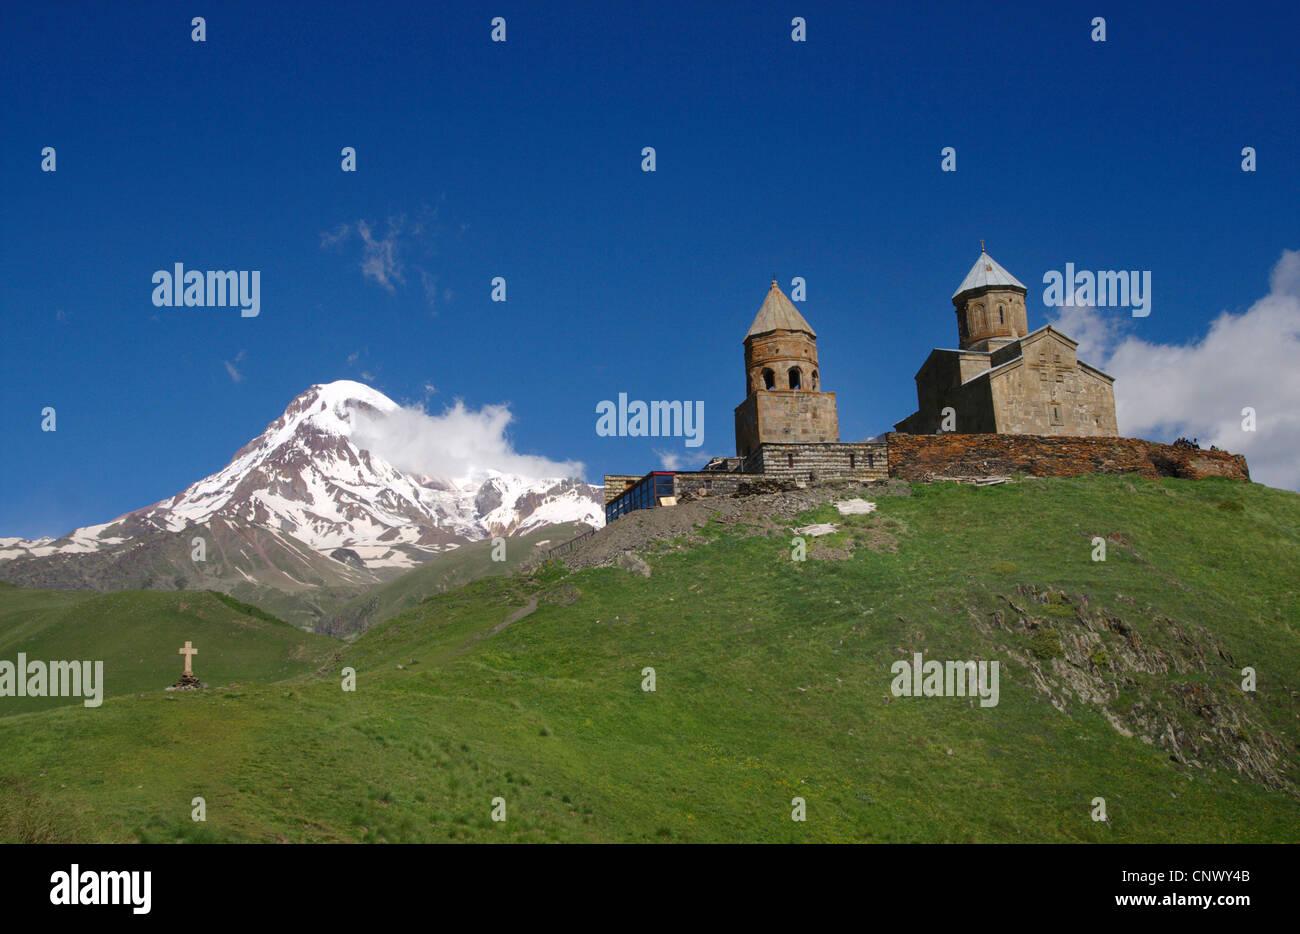 dormant stratovolcano Mount Kazbek (5.047 m), on the mountain range in the foreground the domed Tsiminda Sameba - Stock Image